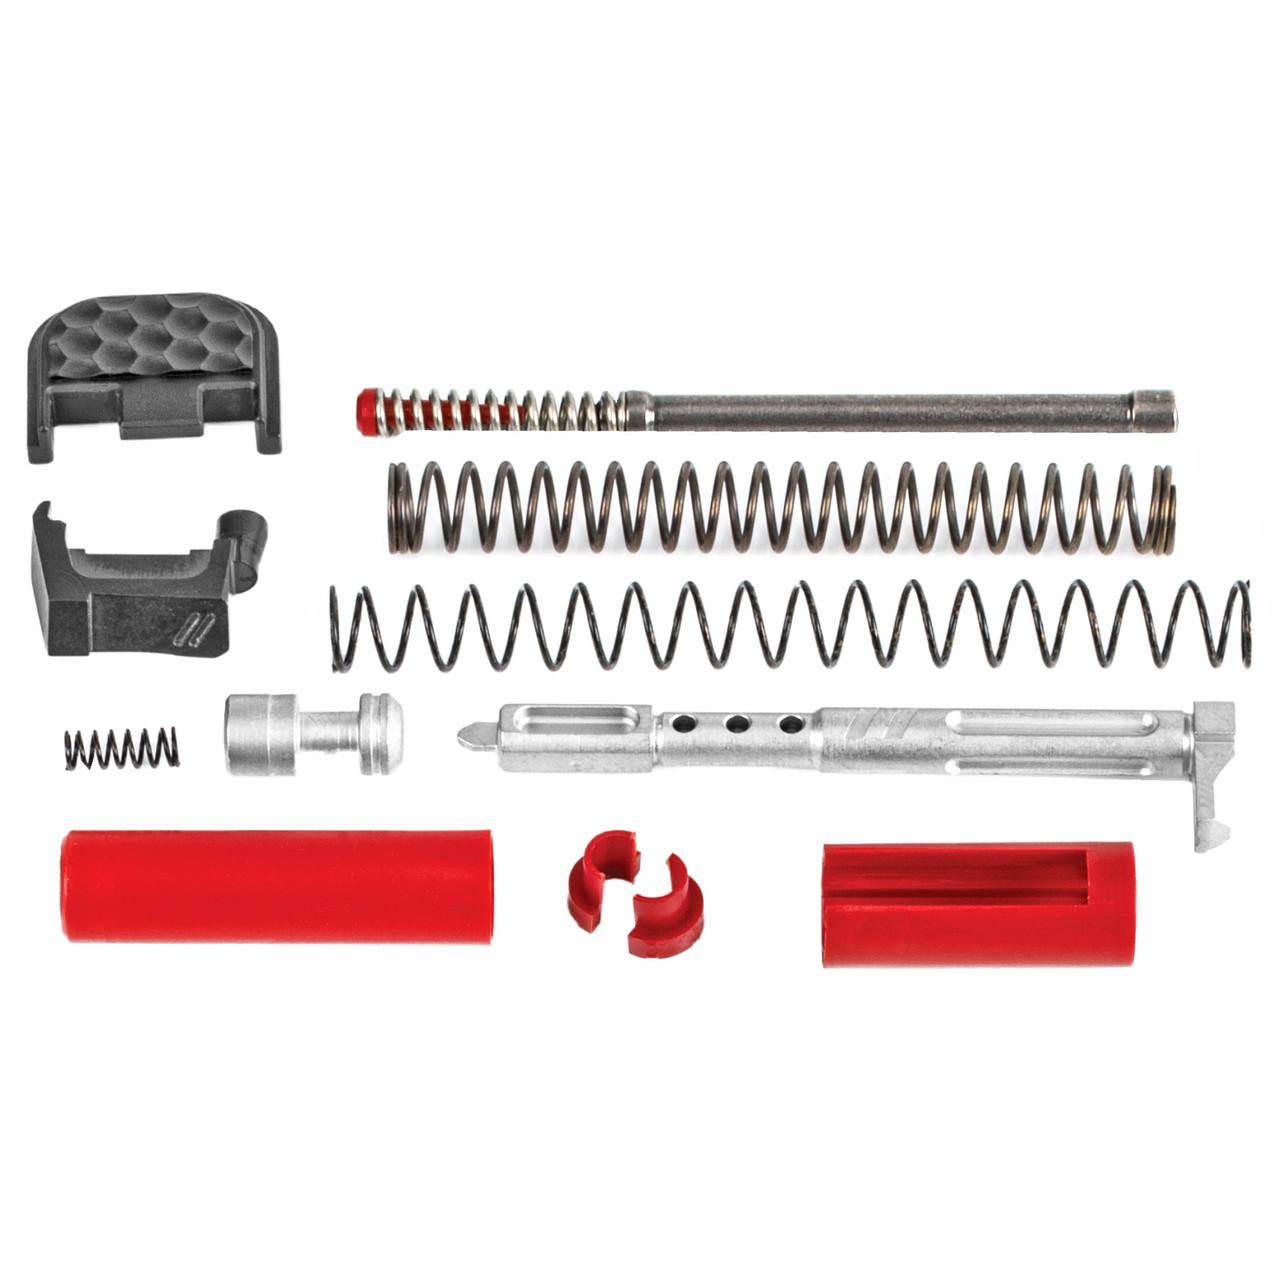 Zev Slide (Upper) Parts Kit in 9mm